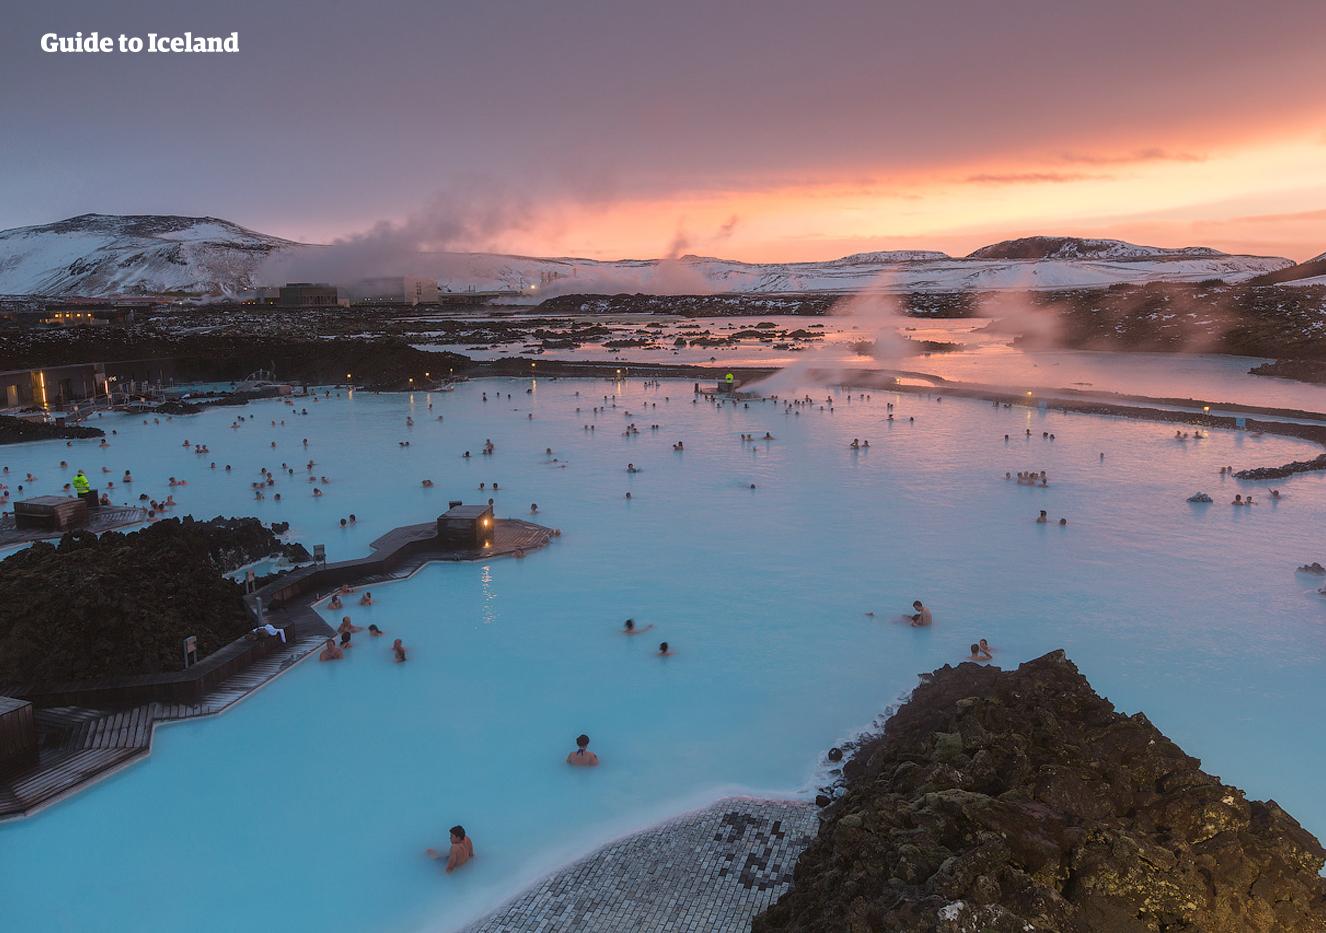 Die Blaue Lagune steckt voller Überraschungen und ist der ideale Ort zum Entspannen.